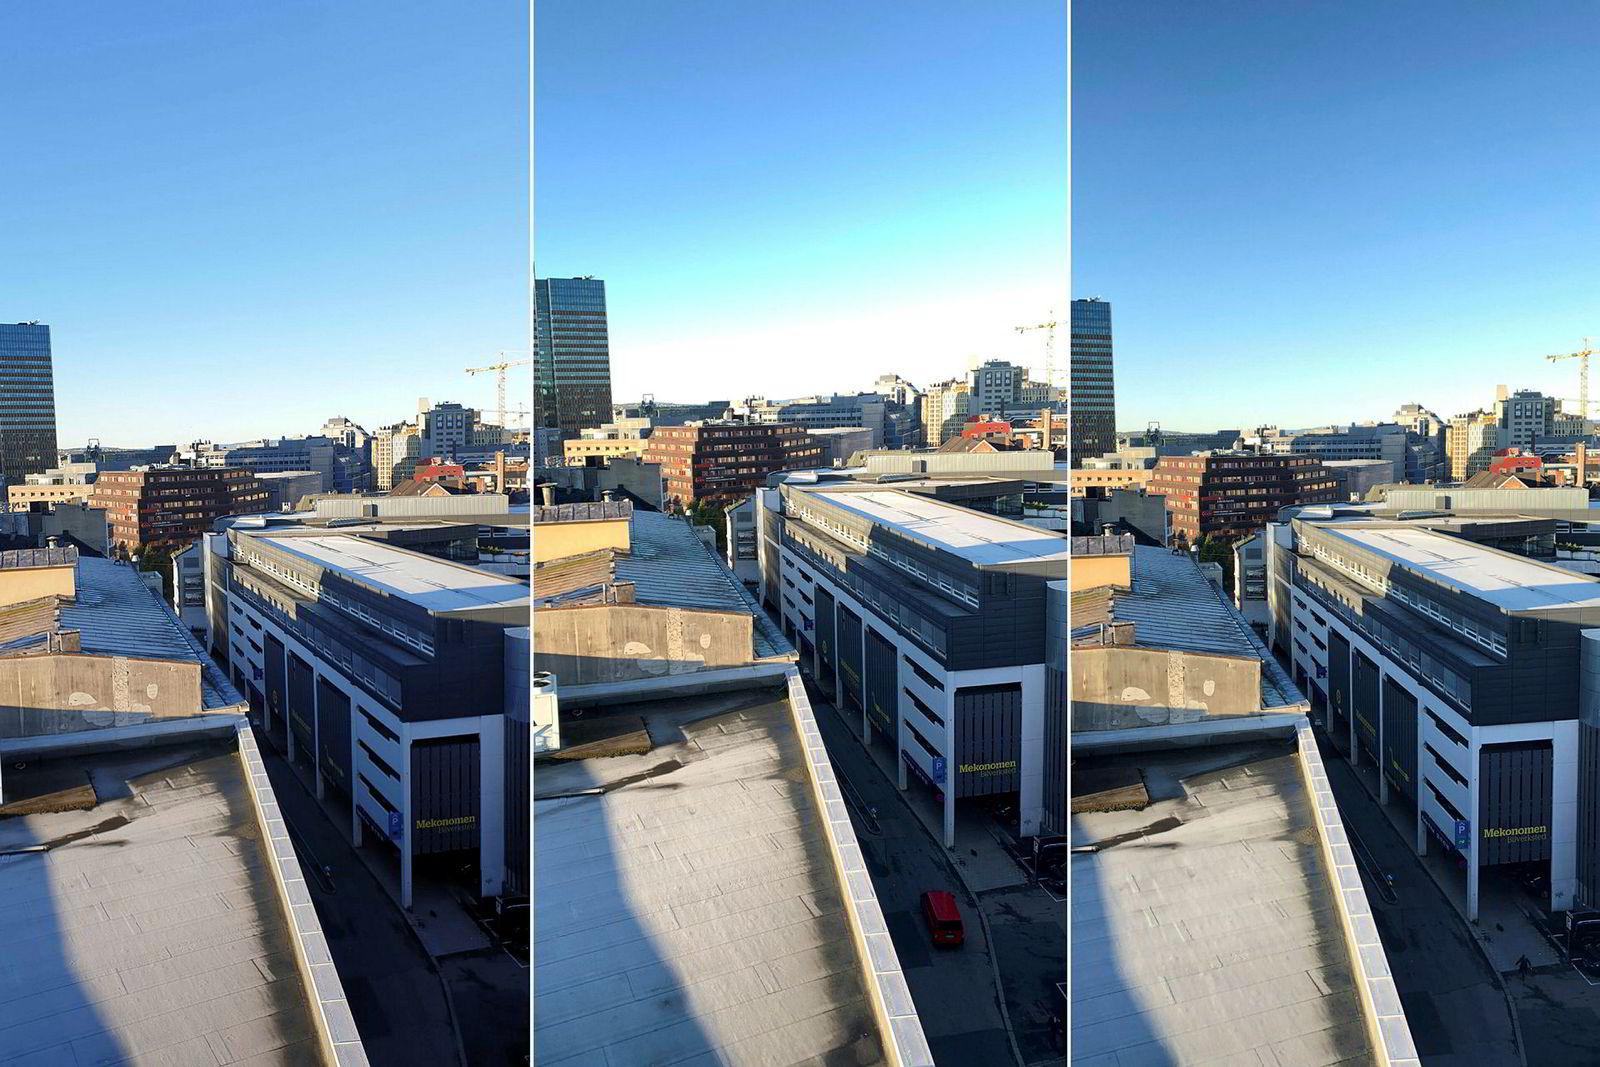 Landskapsbilde med høy kontrast i hardt lys. Den eneste utfordringen hvor Iphone XS kommer dårligst ut. Alle telefonene fikk eksponering og fokus satt på Mekonomen-skiltet. Iphone XS (i midten) overeksponerer himmelen drastisk. Note9 er mørkest i skyggepartiene, men beholder mest detaljer i de lyse partiene.